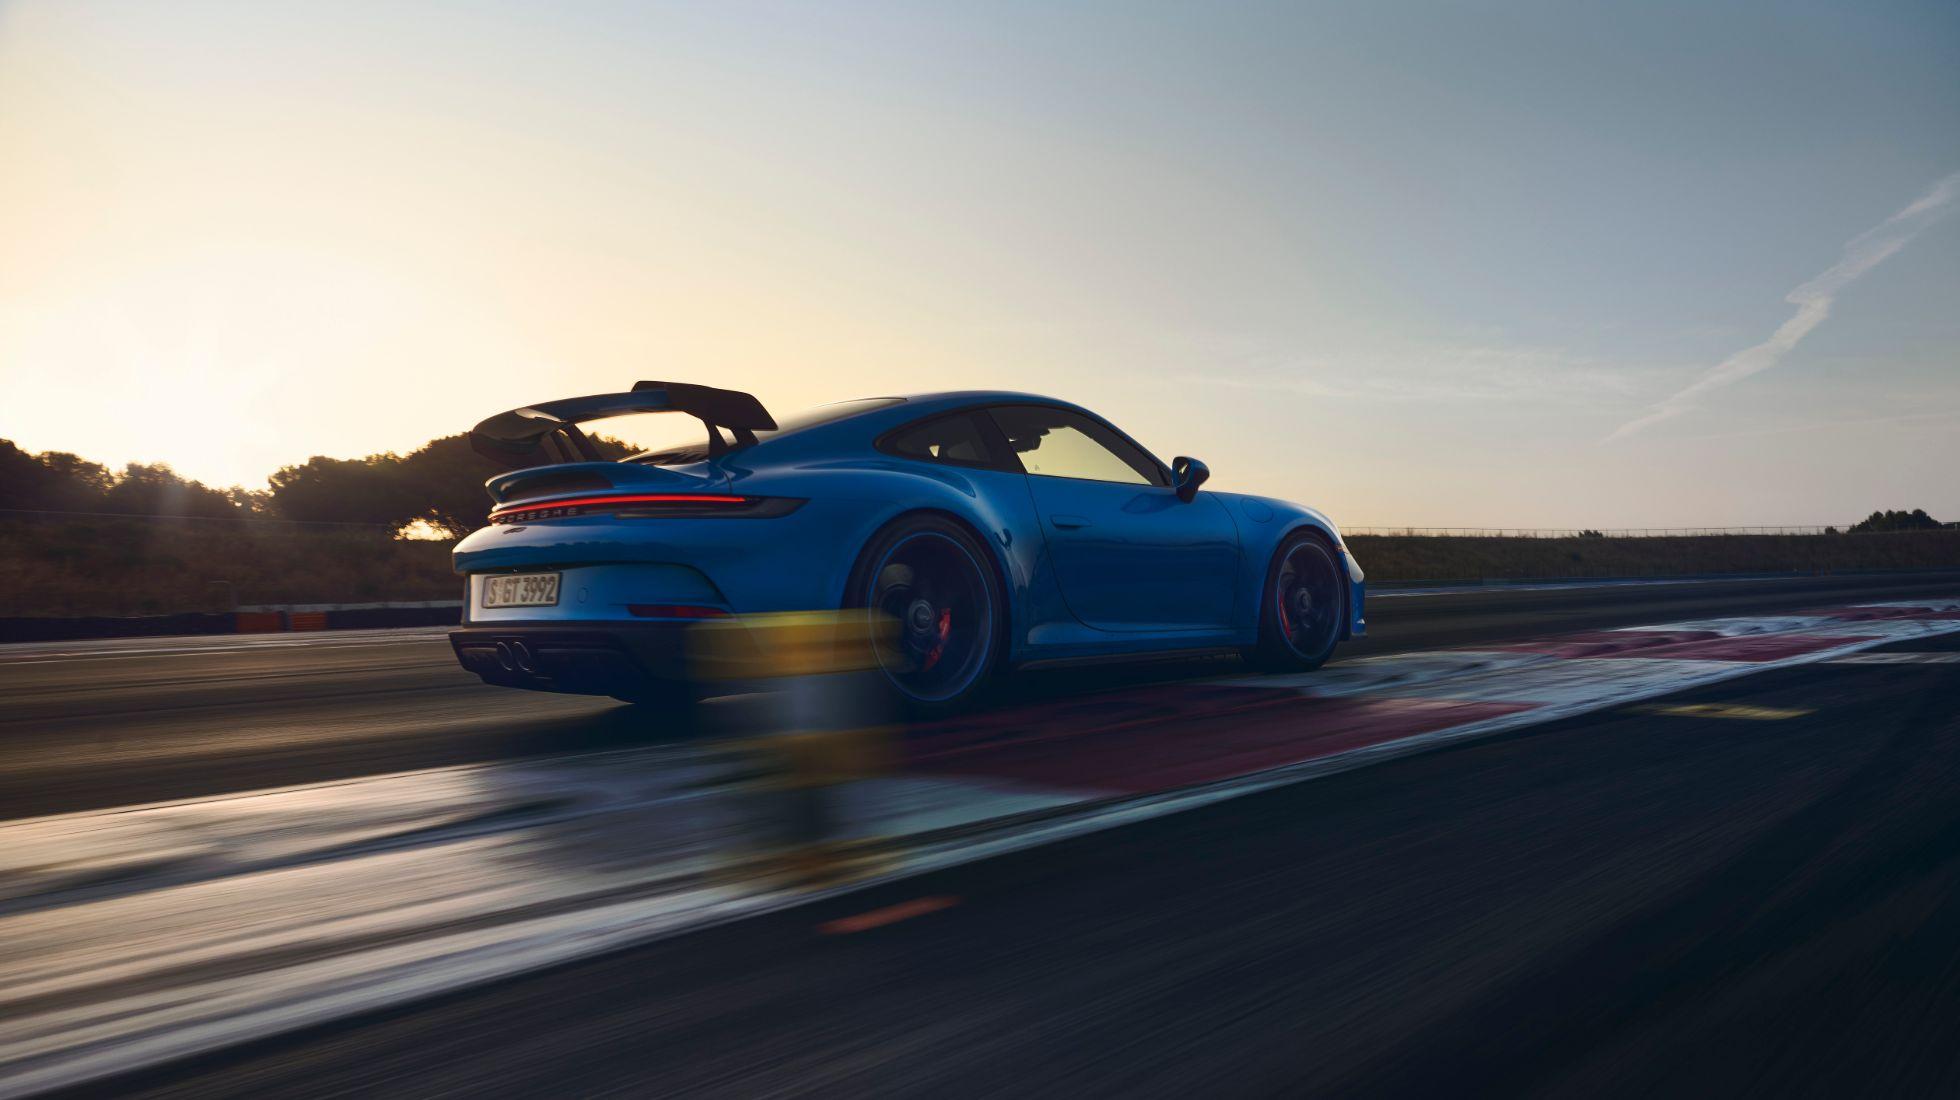 Porsche unveils track oriented new 911 GT3